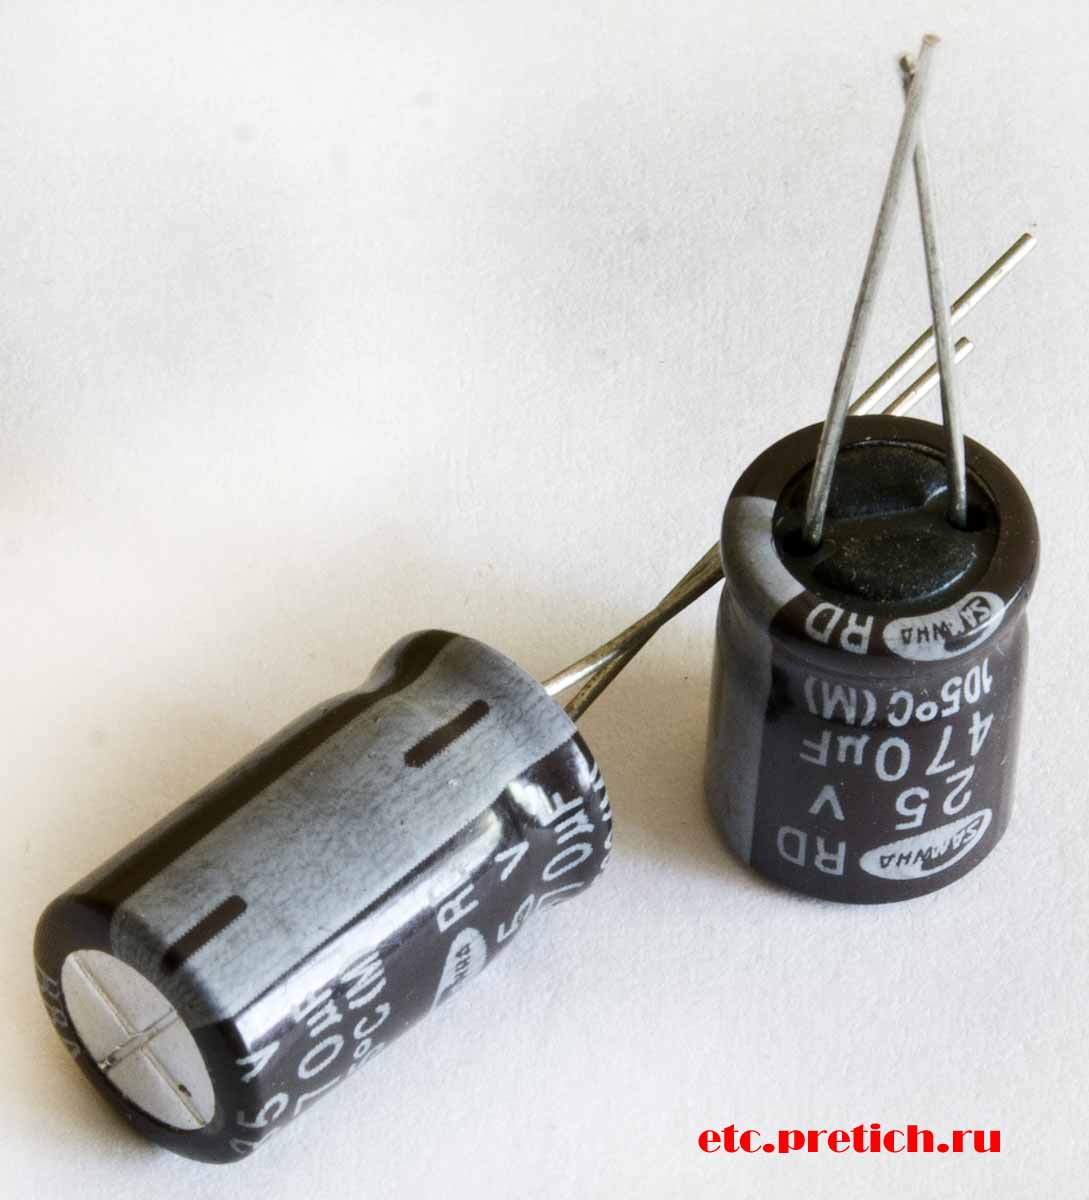 SAMWHA 470µF 25v электролитический конденсатор, отзыв